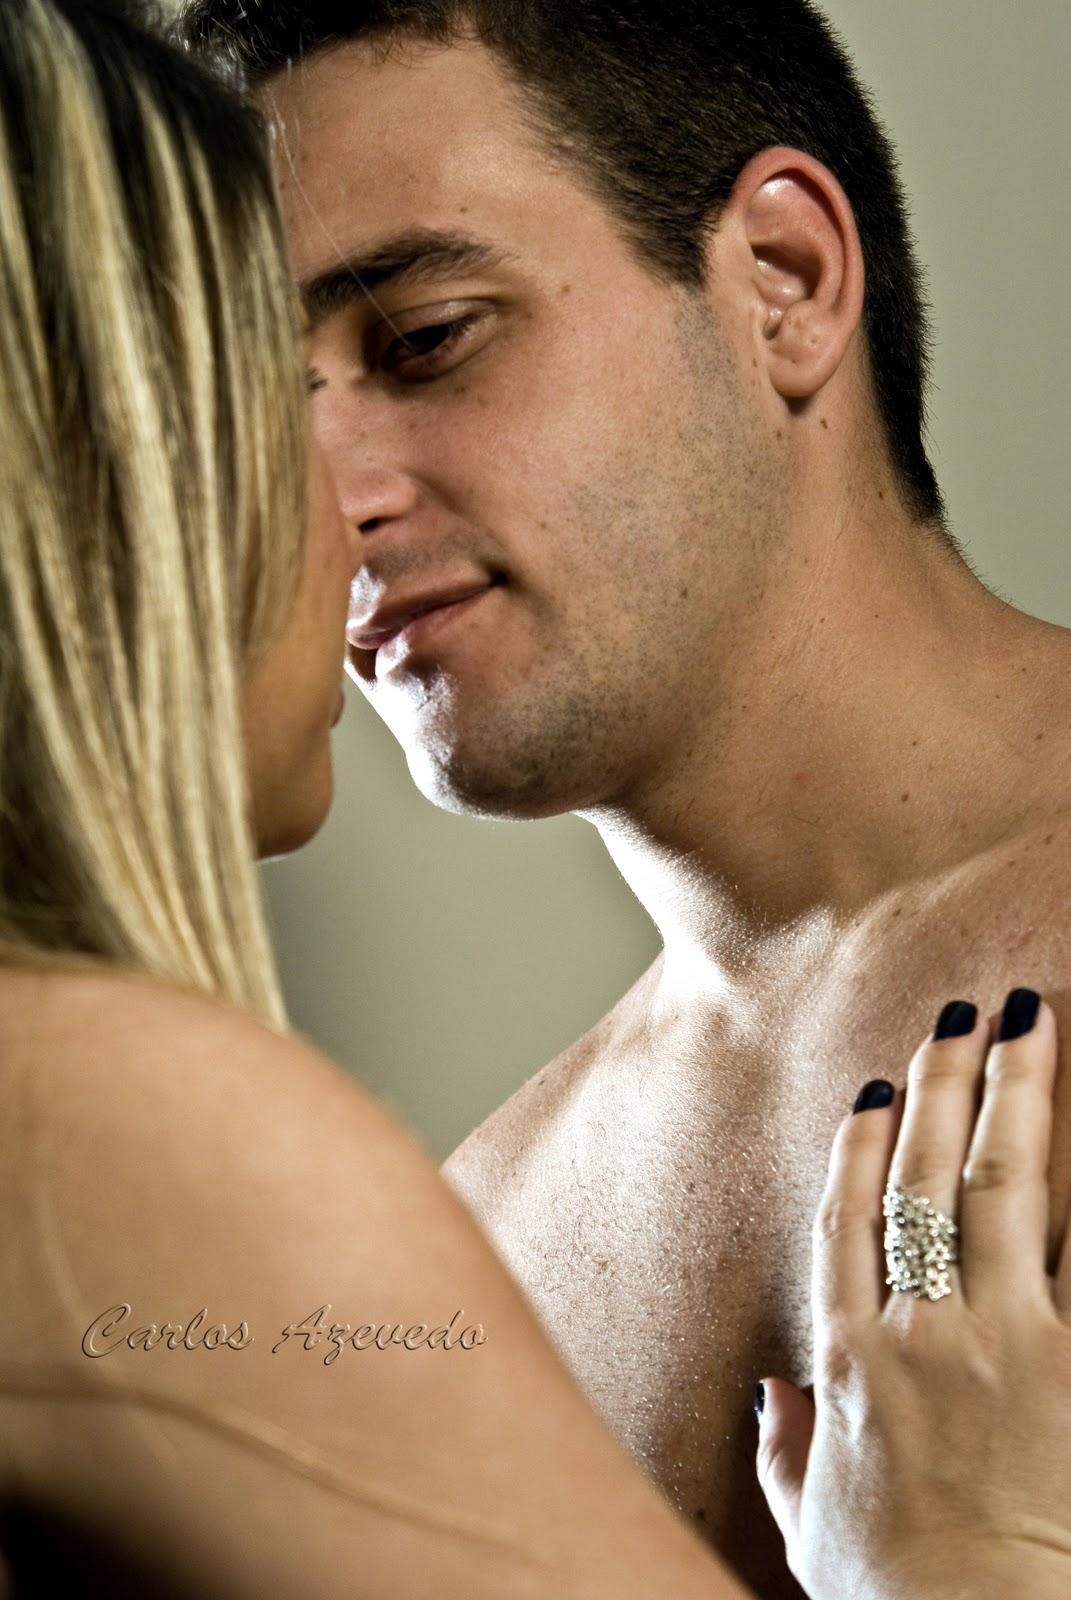 Carlos Azevedo Fot Grafo Blog Mulheres Uns Lindas Modelos